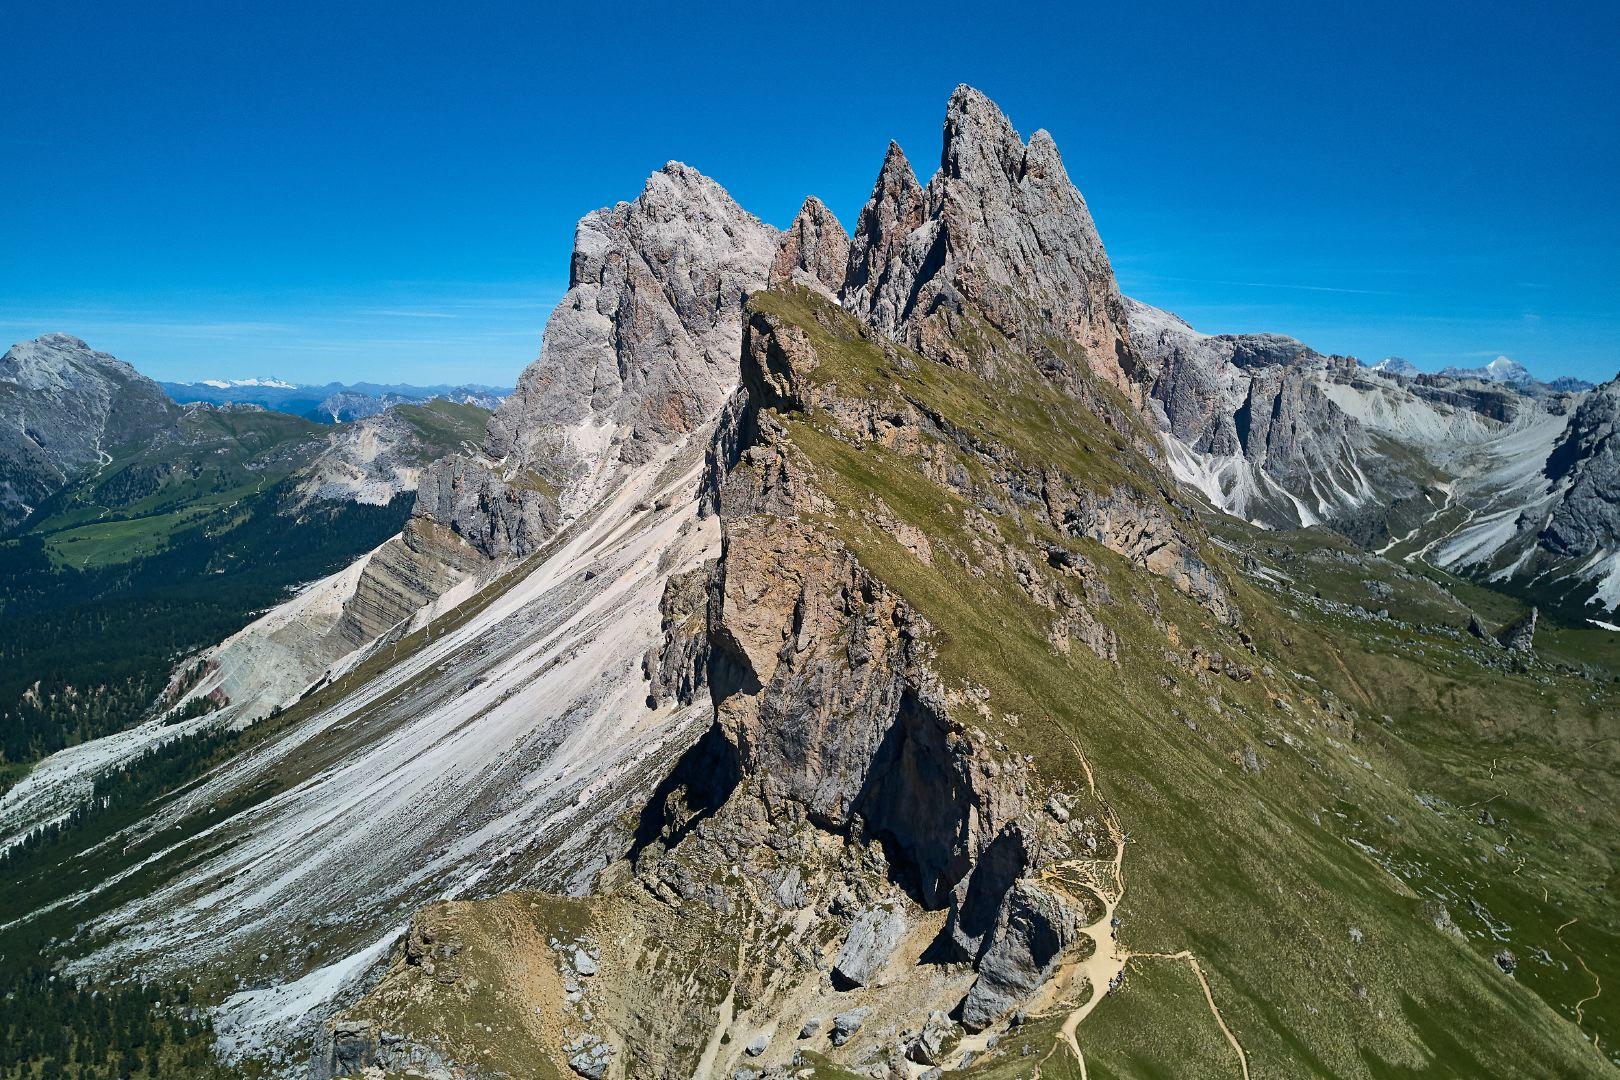 Nuove foto: escursione sul Seceda in Val Gardena